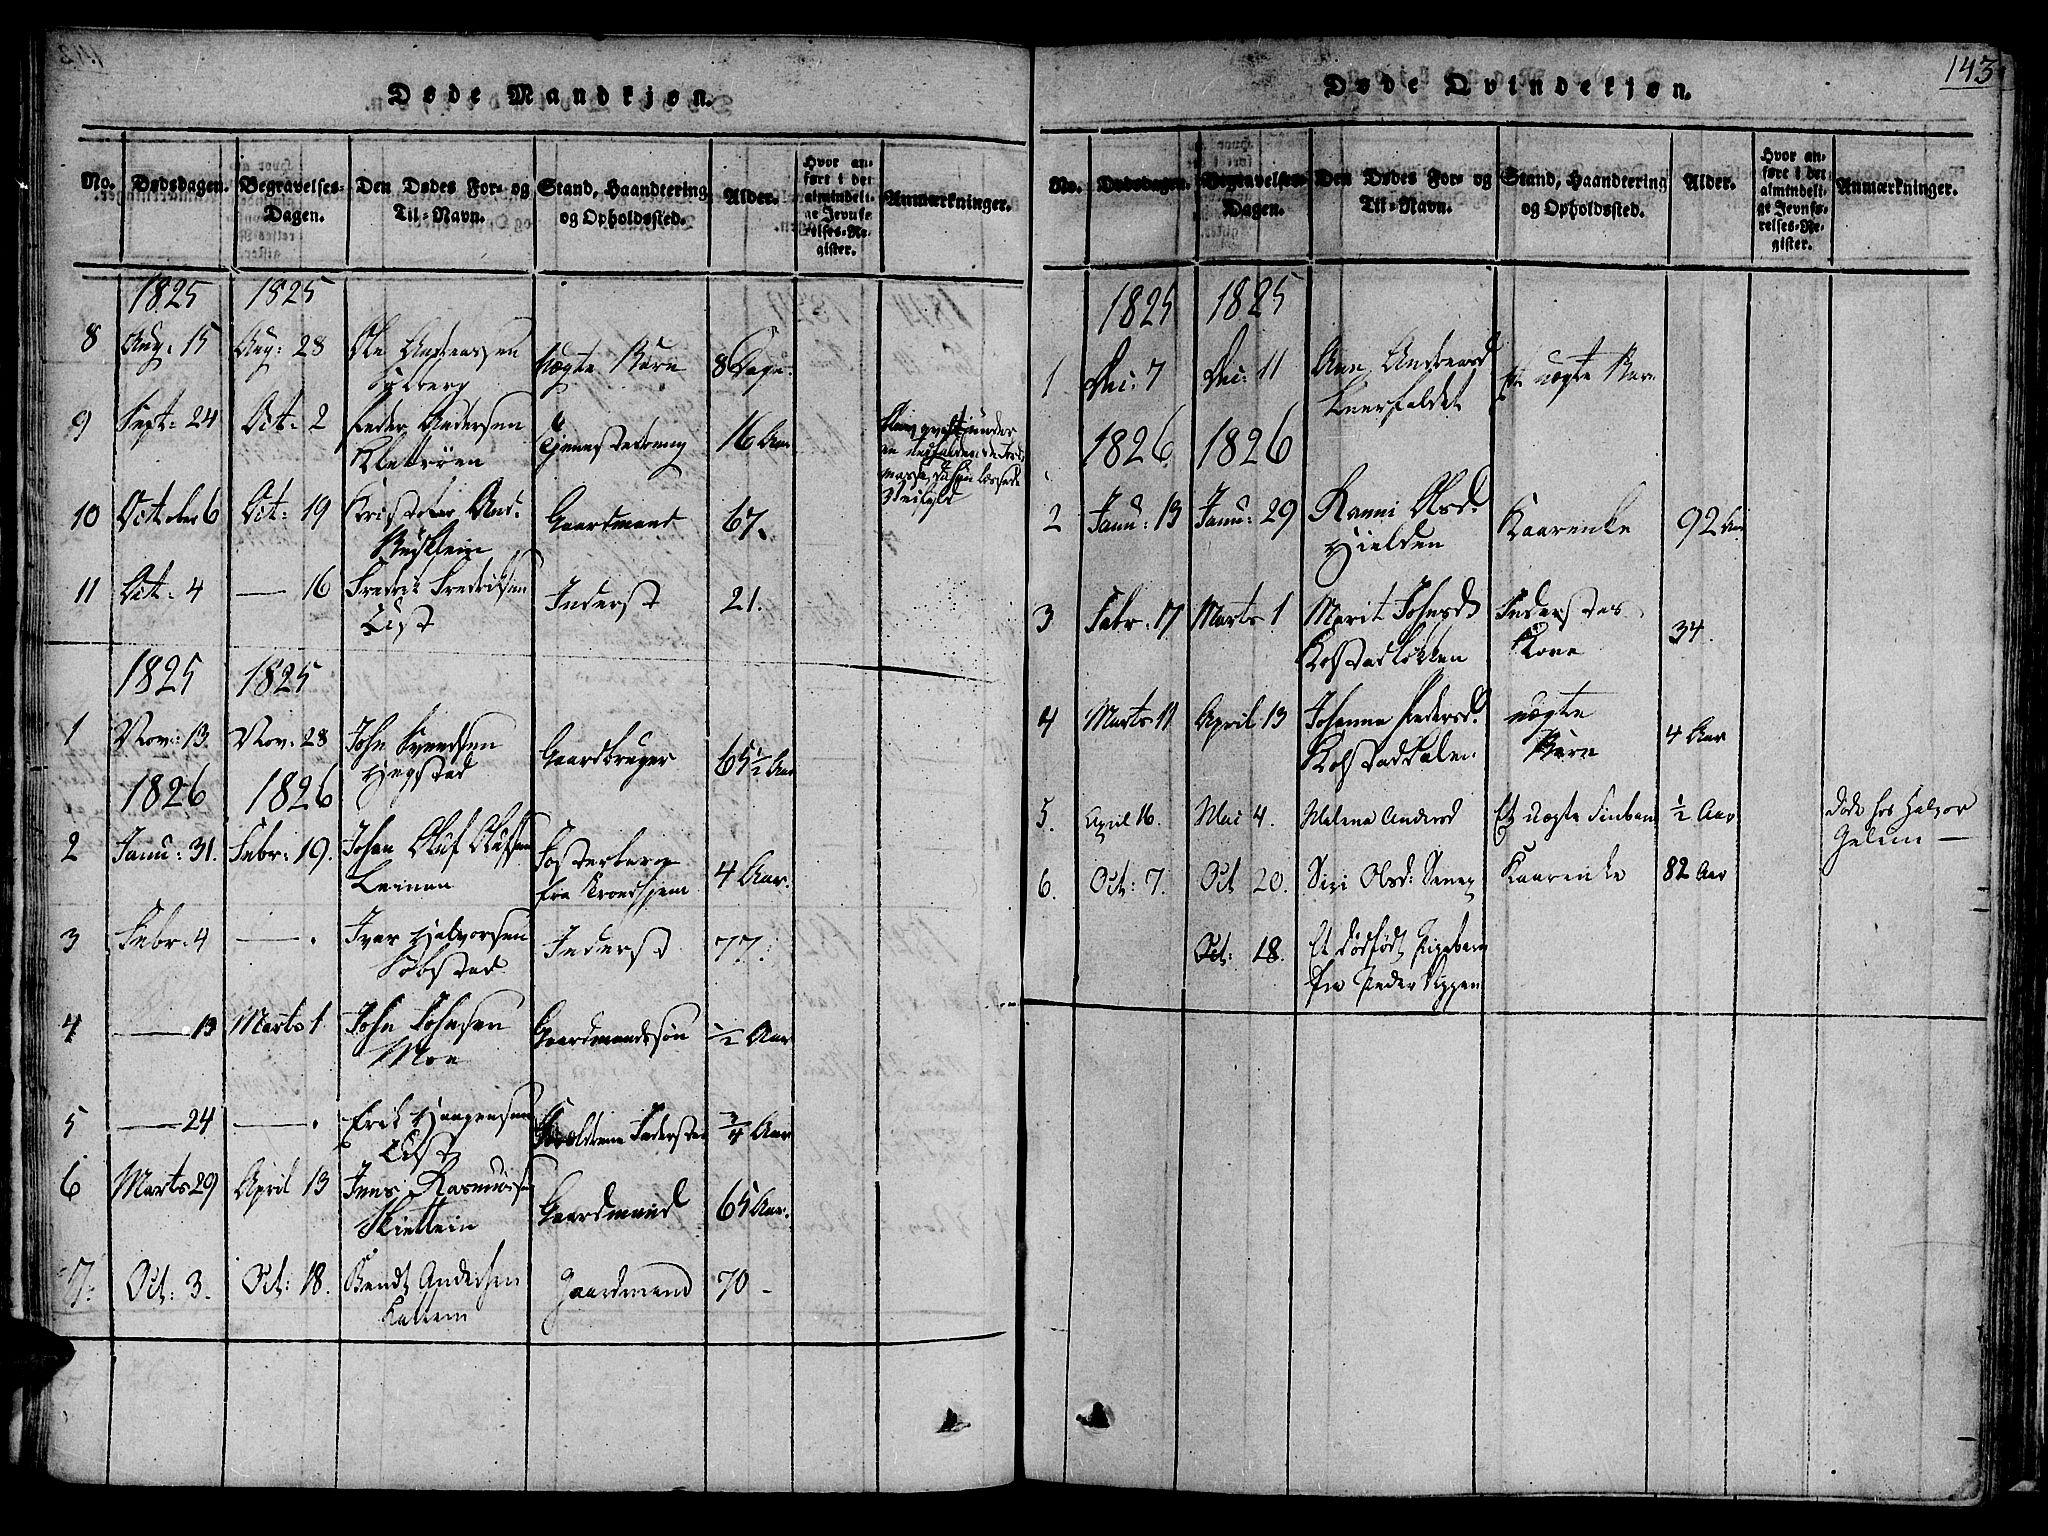 SAT, Ministerialprotokoller, klokkerbøker og fødselsregistre - Sør-Trøndelag, 691/L1067: Ministerialbok nr. 691A03 /3, 1816-1826, s. 143